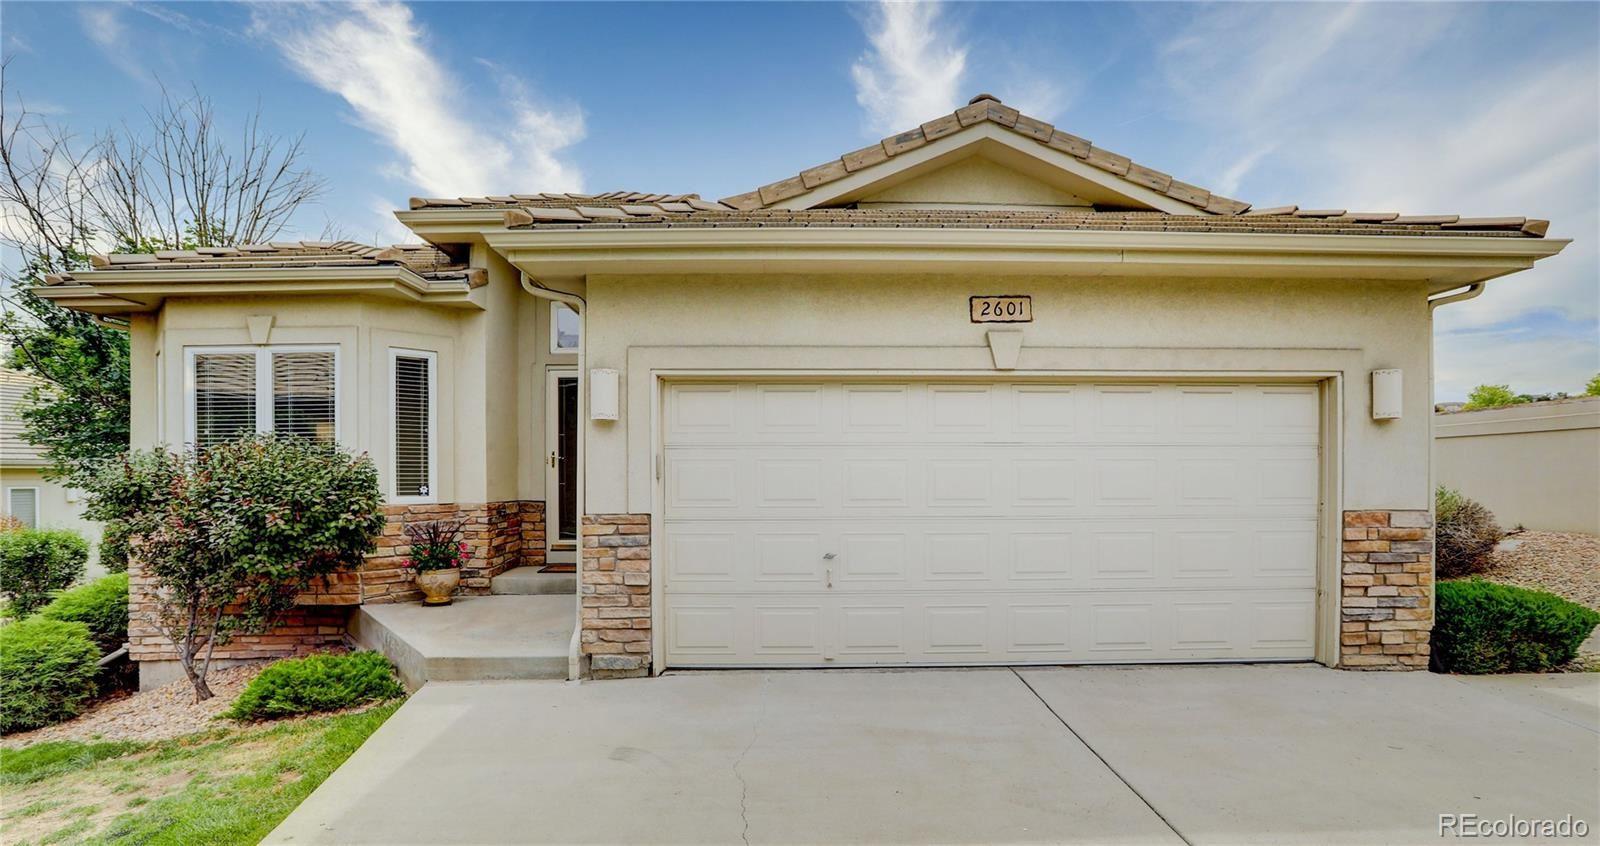 2601 S Kipling Court, Lakewood, CO 80227 - #: 5726931